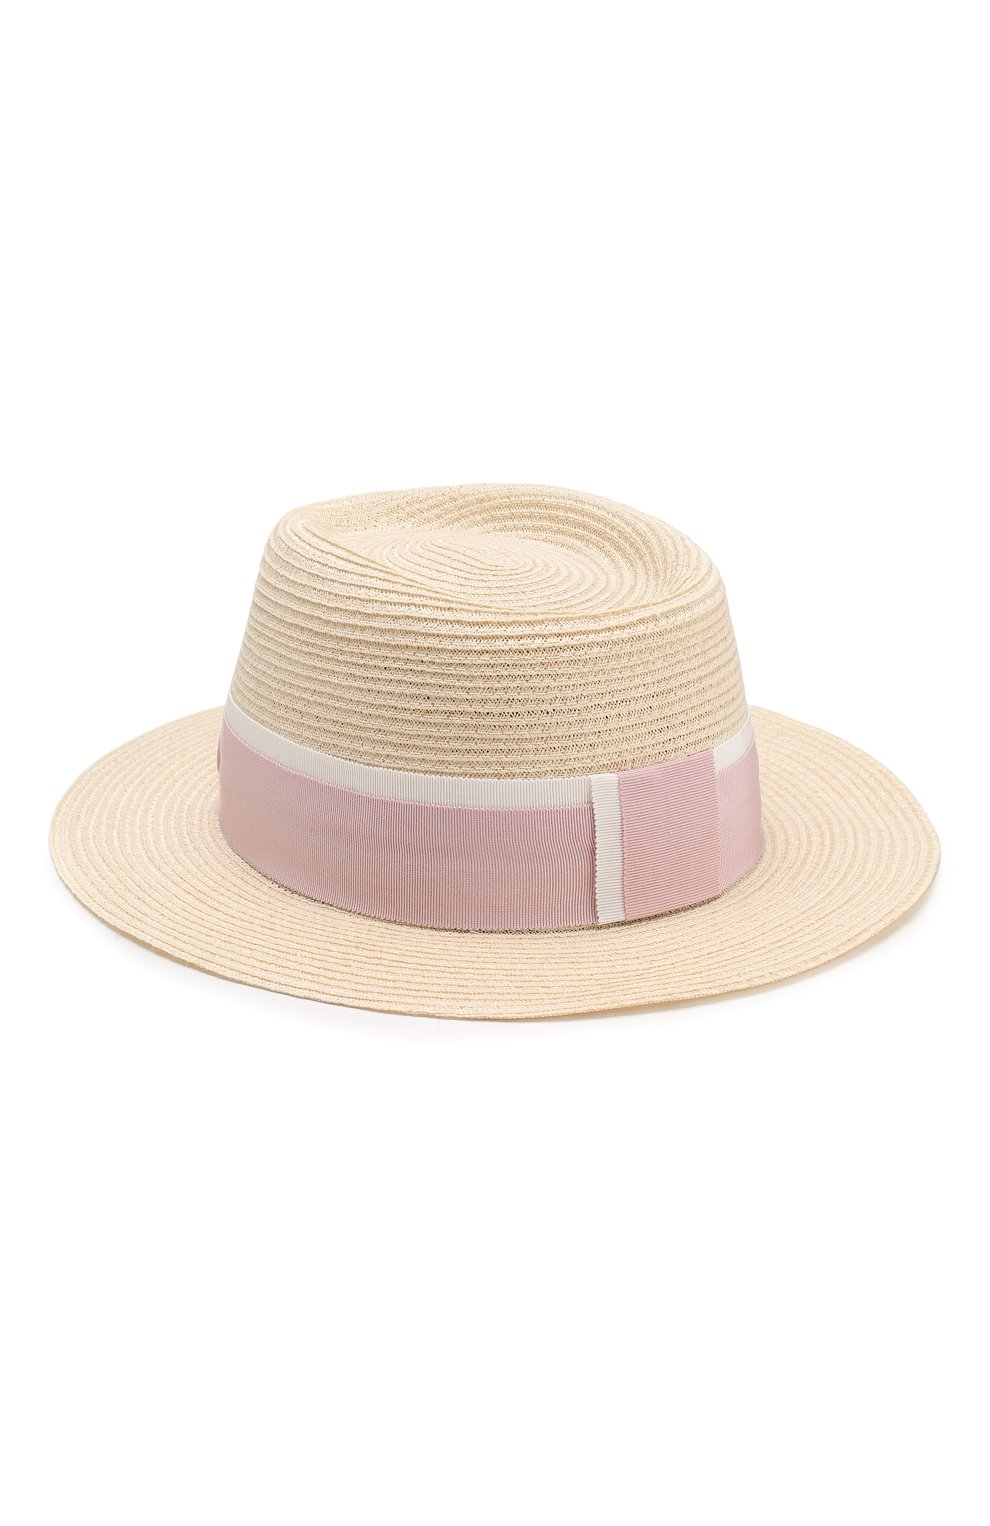 Женская шляпа andre с лентой MAISON MICHEL бежевого цвета, арт. 1003038003/ANDRE | Фото 2